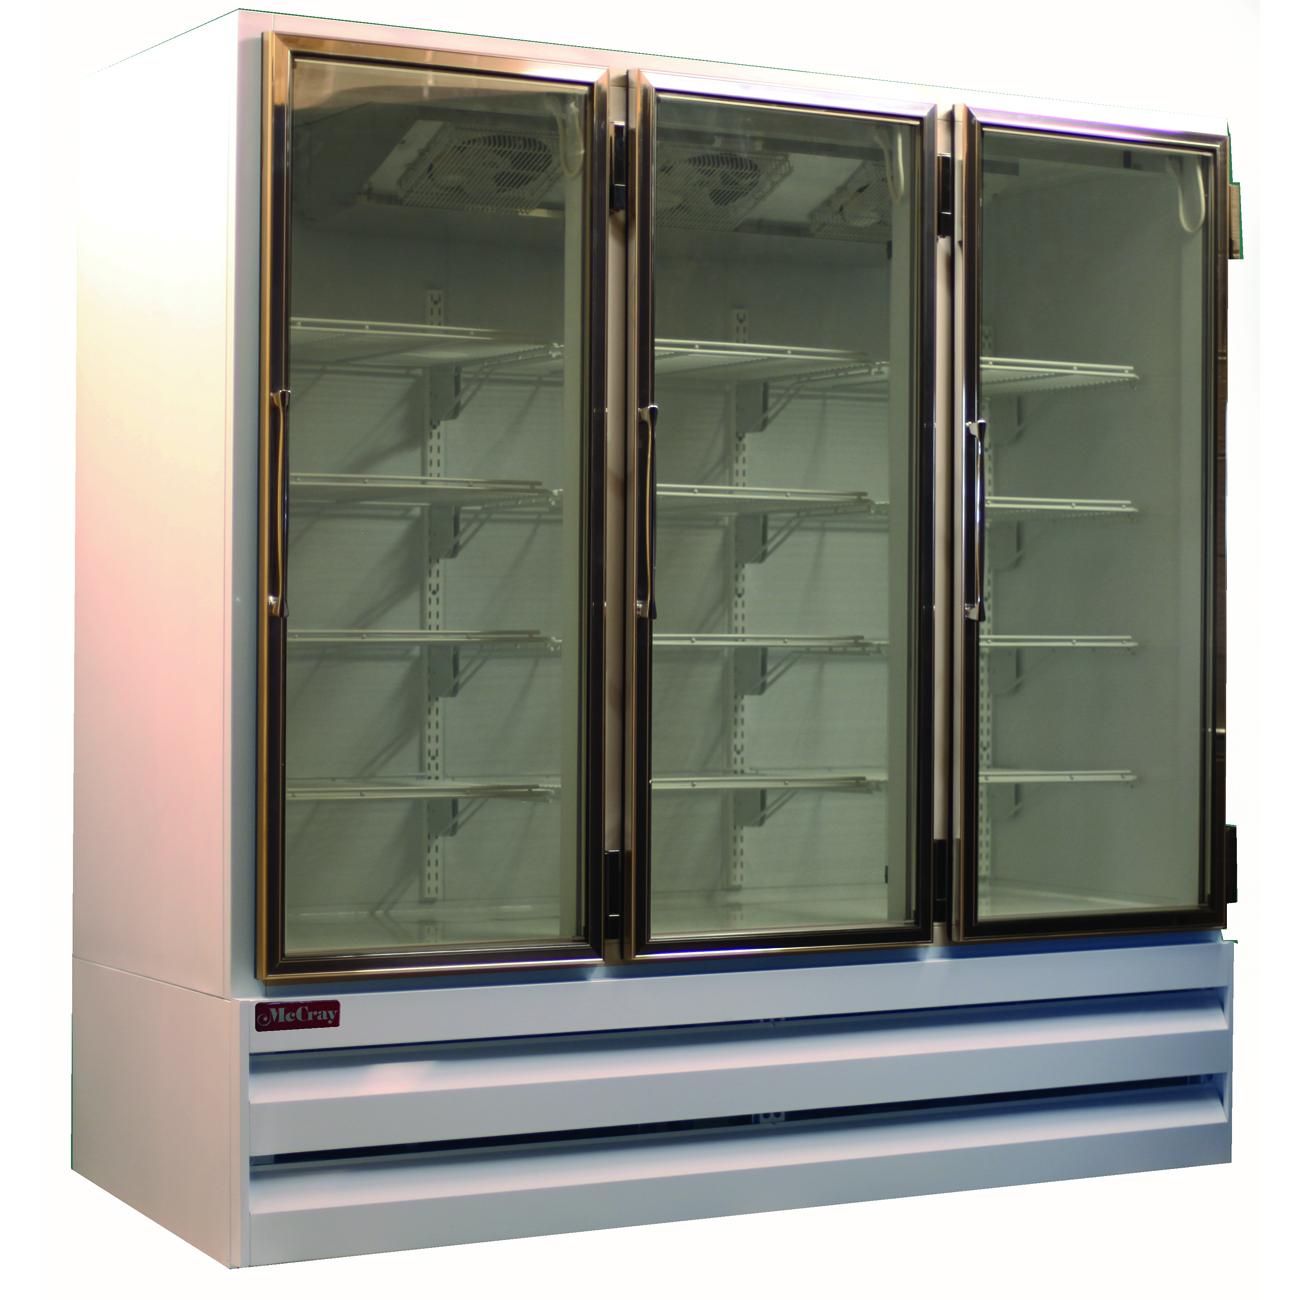 Howard-McCray GR42BM-S refrigerator, merchandiser